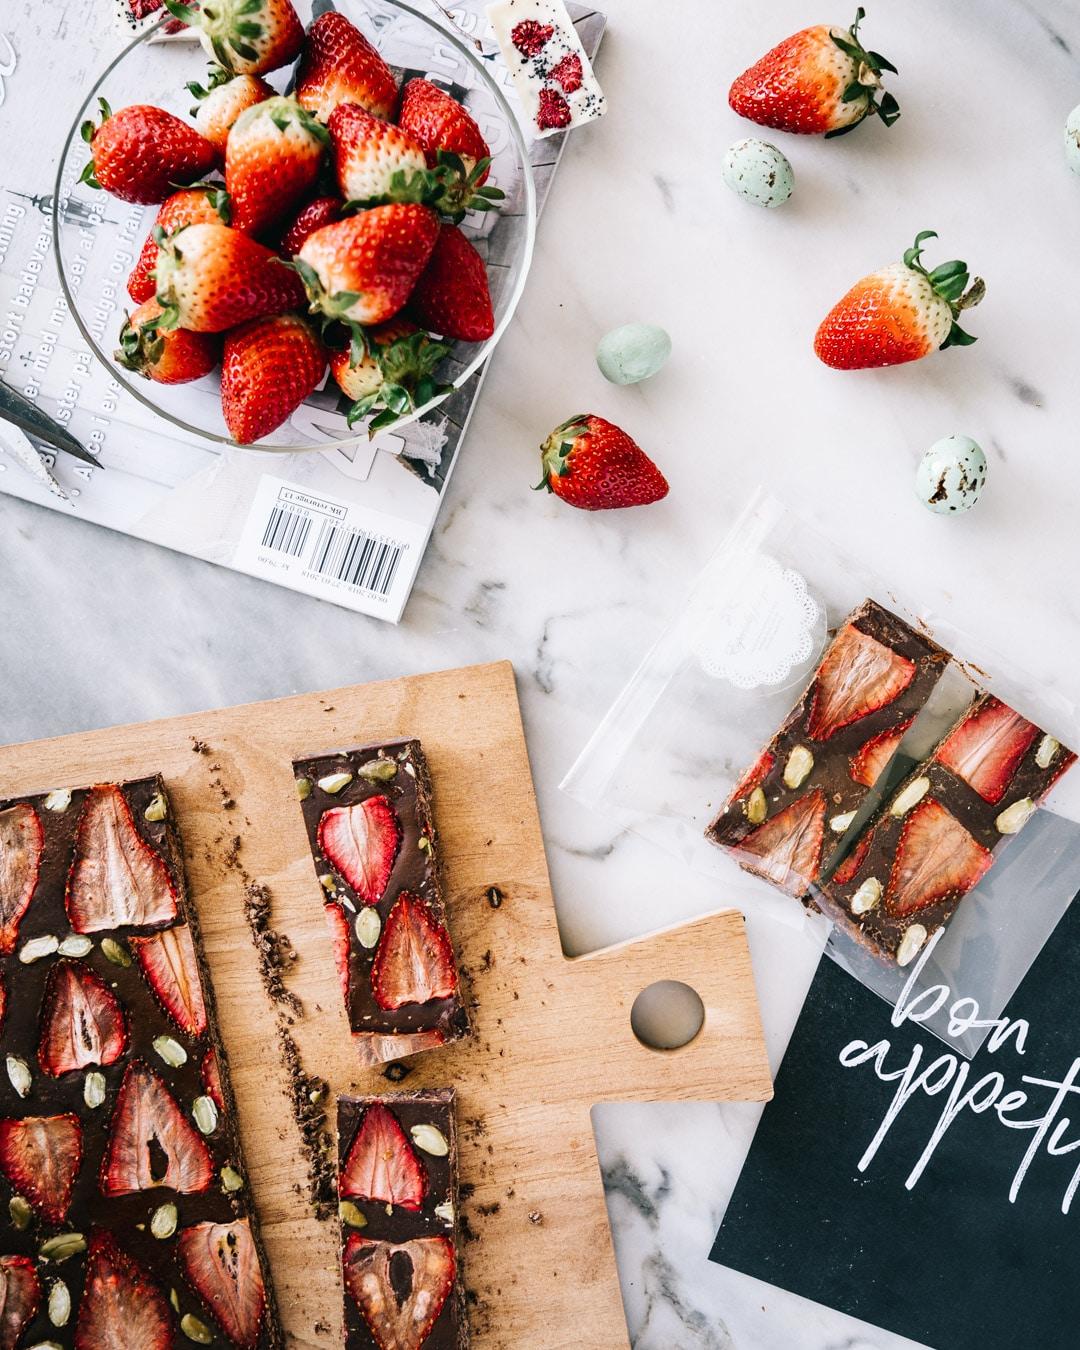 DIY, hjemmelavet spiselig gave, hjemmelavet chokolade med bær